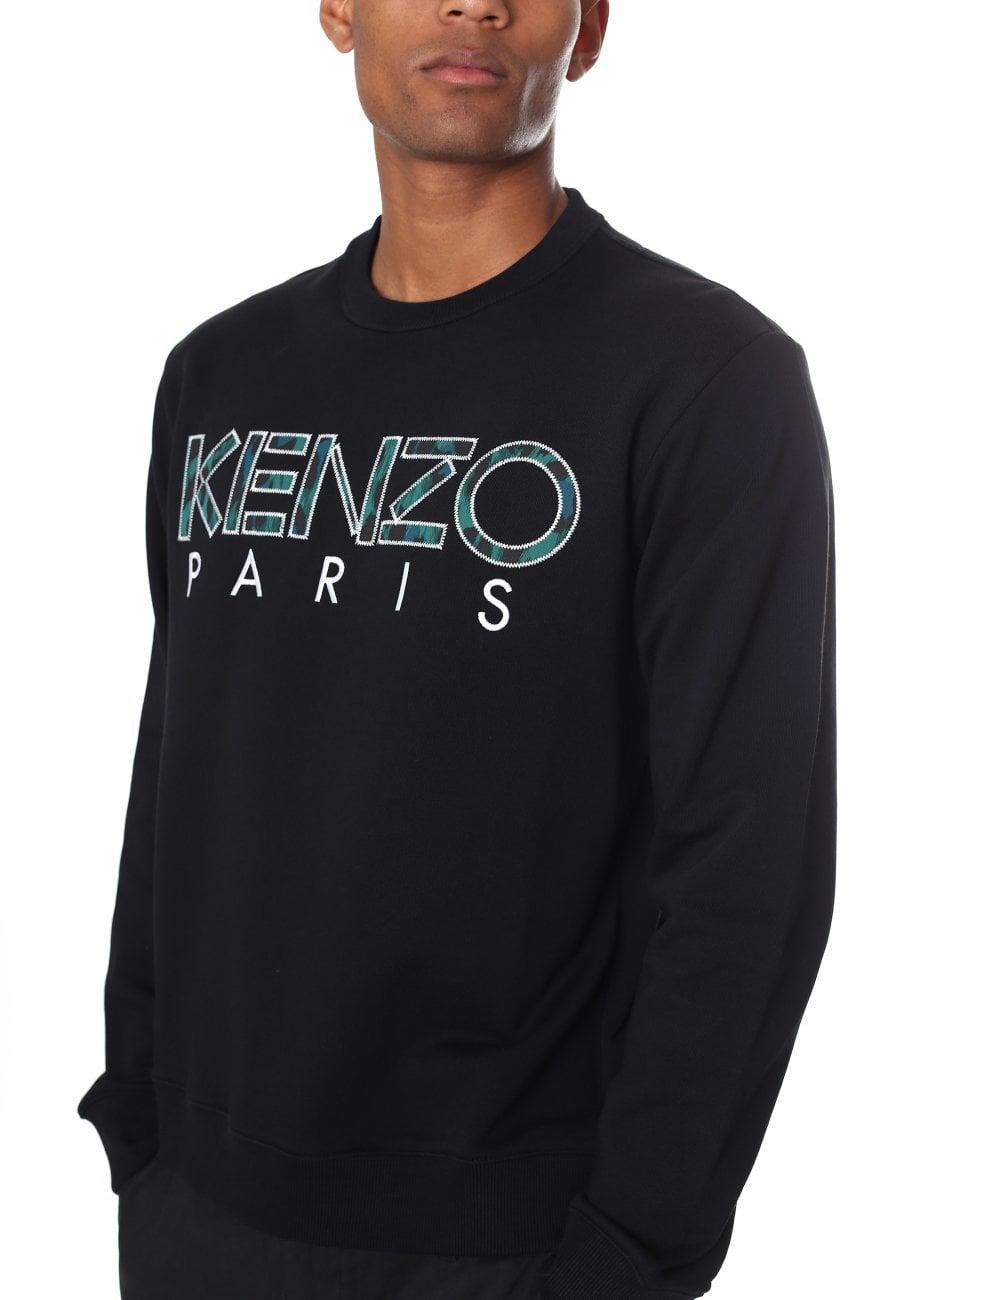 5be7d9d8d19 Kenzo Men's Paris Sweatshirt